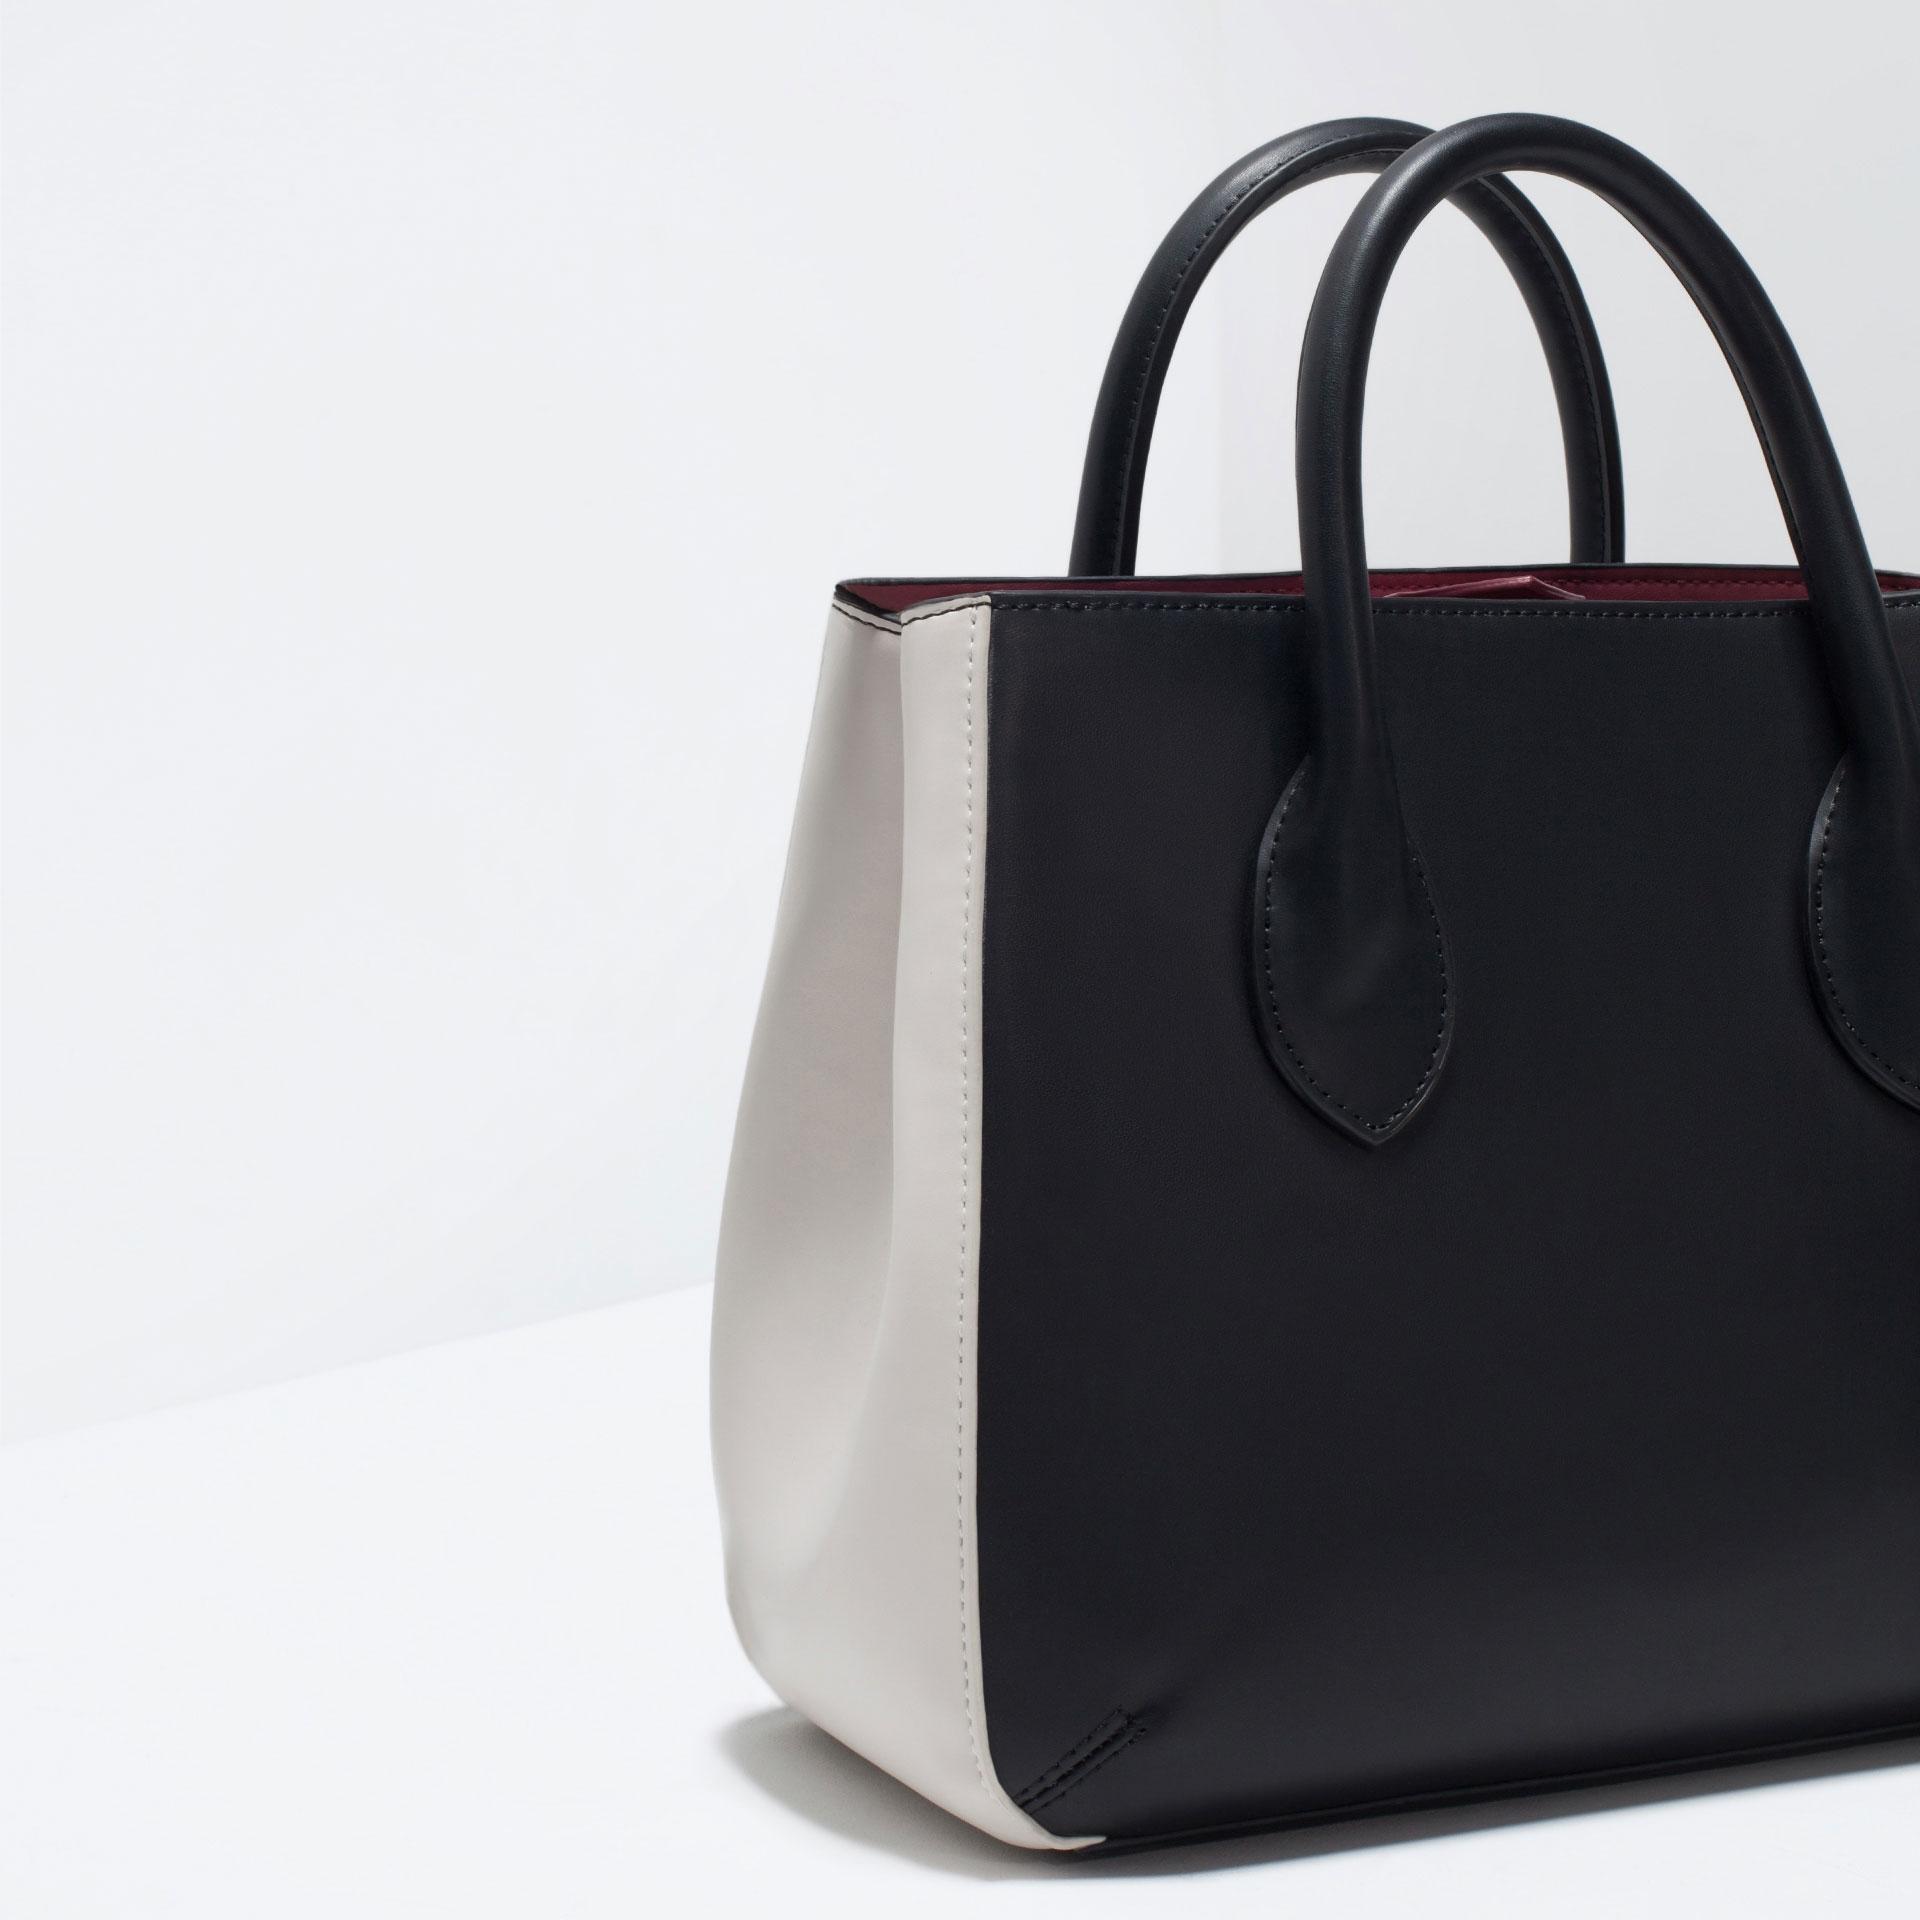 Zara Handbags Online India Handbag Reviews 2017